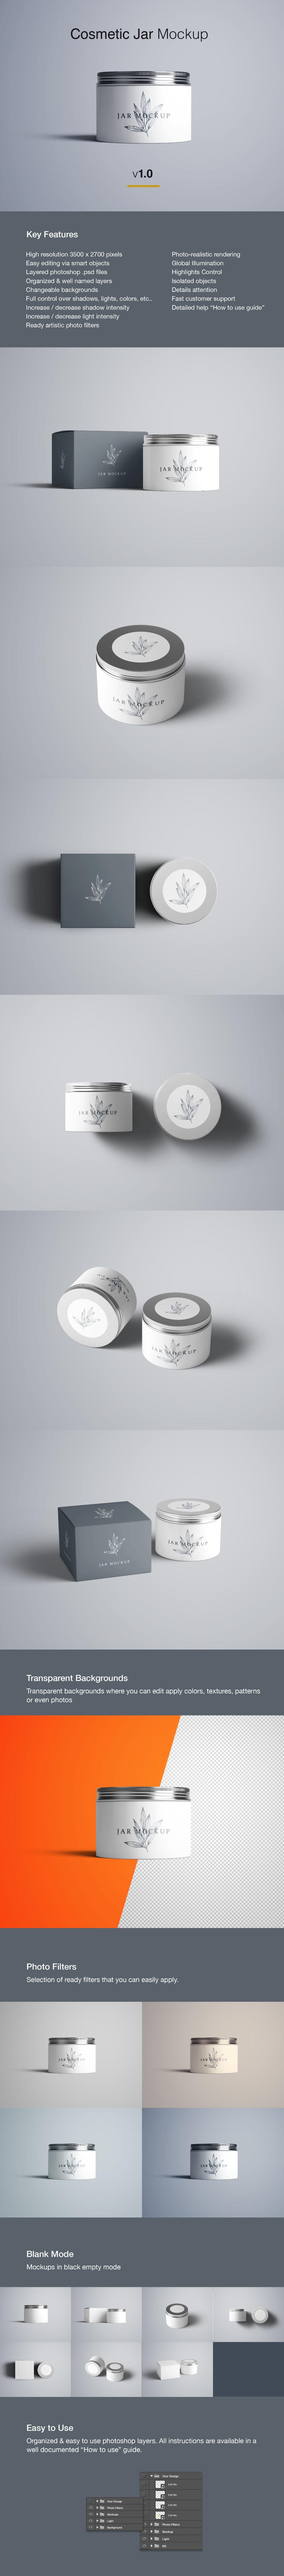 高级化妆品罐子和盒子样机模板consmetic jar mockup